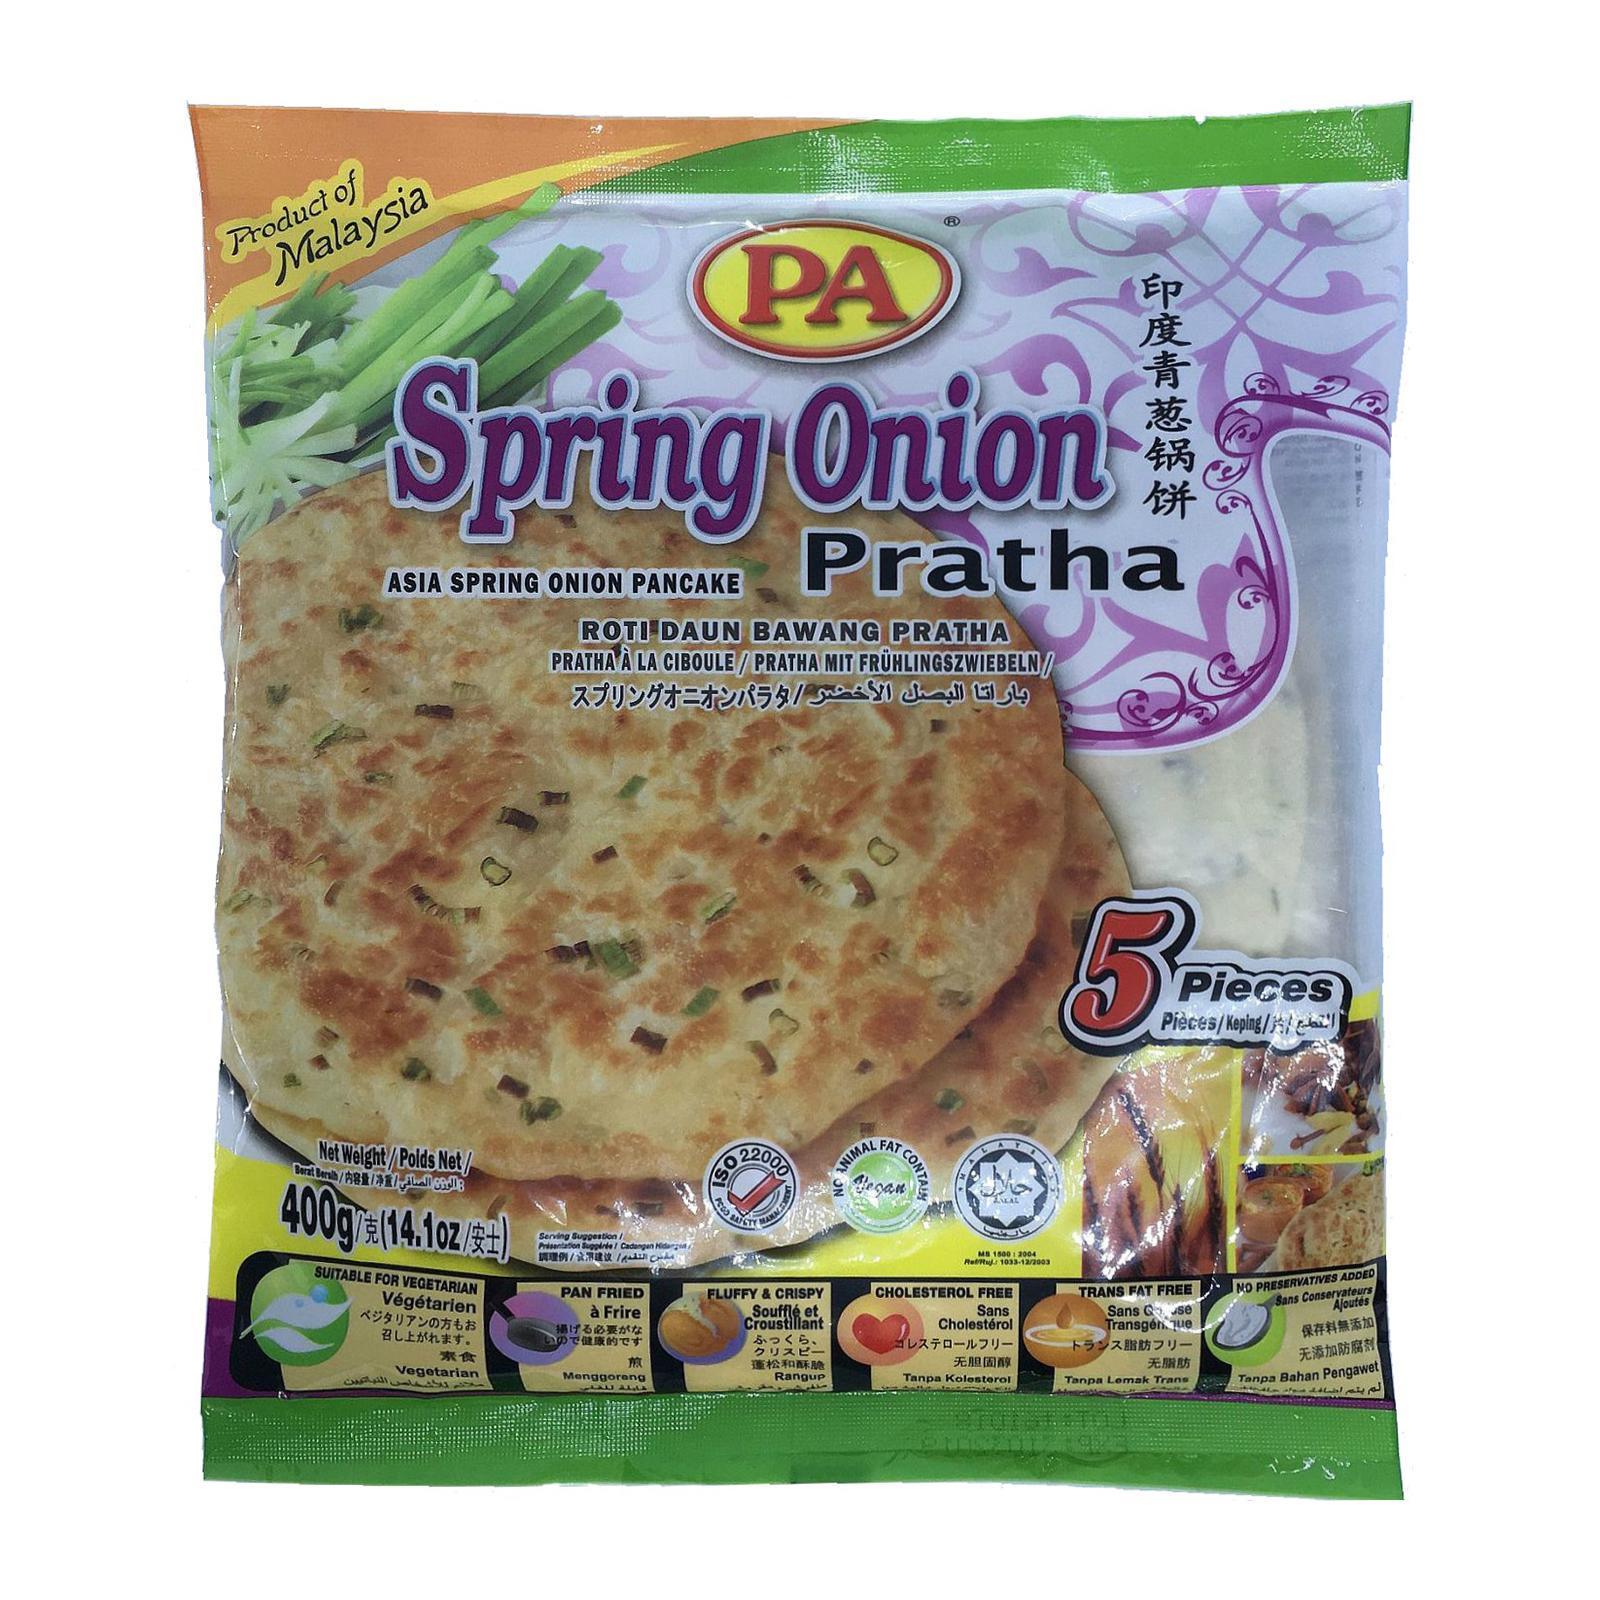 PA Spring Onion Prata - Frozen